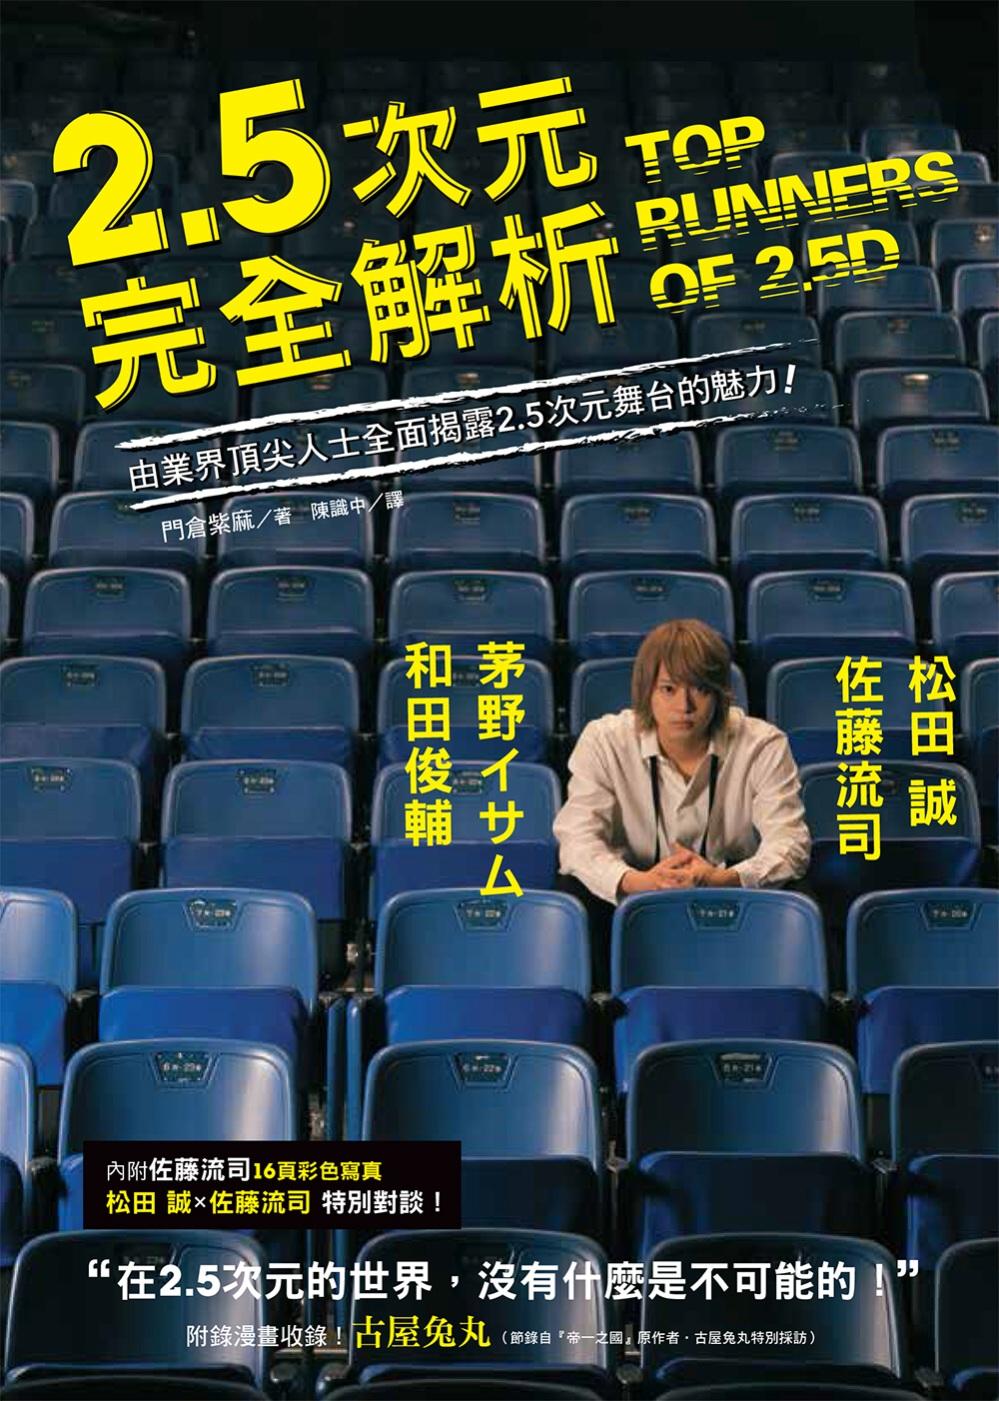 2.5次元完全解析:松田 誠、茅野イサム、和田俊輔、佐藤流司,由業界頂尖人士全面揭露2.5次元舞台的魅力